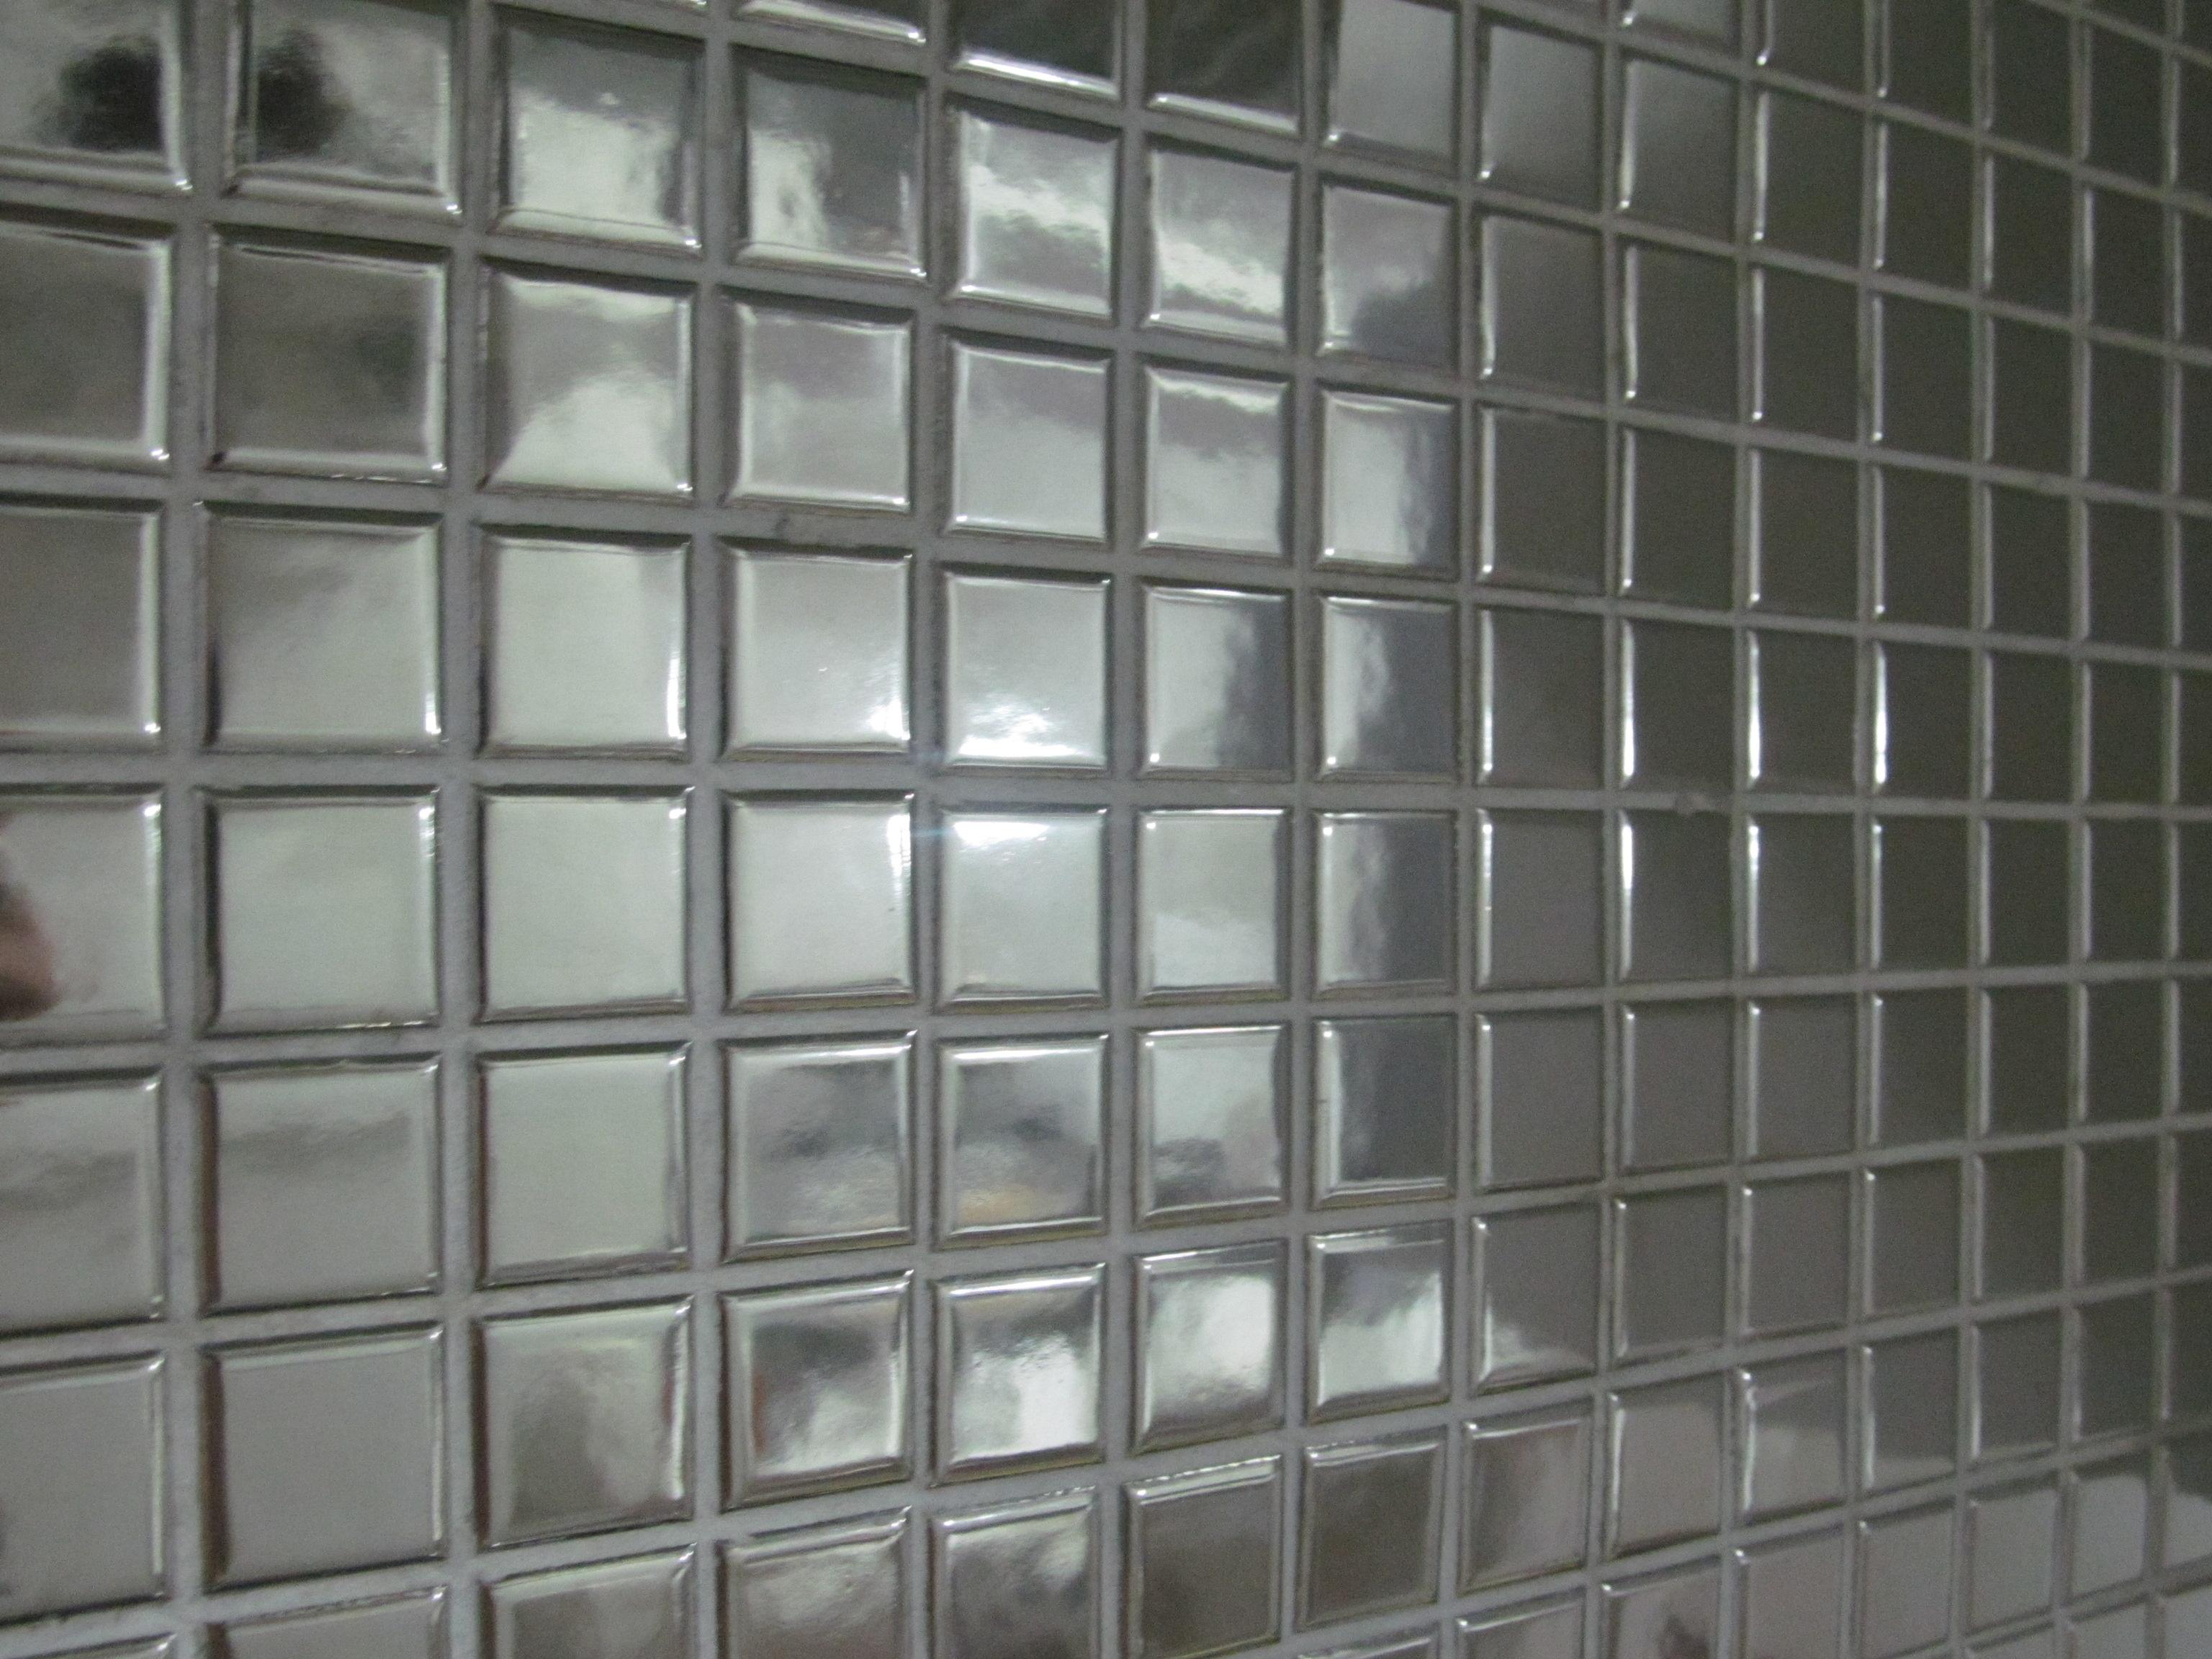 Reavaliando a compra… das Pastilhas de Espelho e Inox (Pastilhart) #5E6D65 3072x2304 Banheiro Branco Com Rejunte Cinza